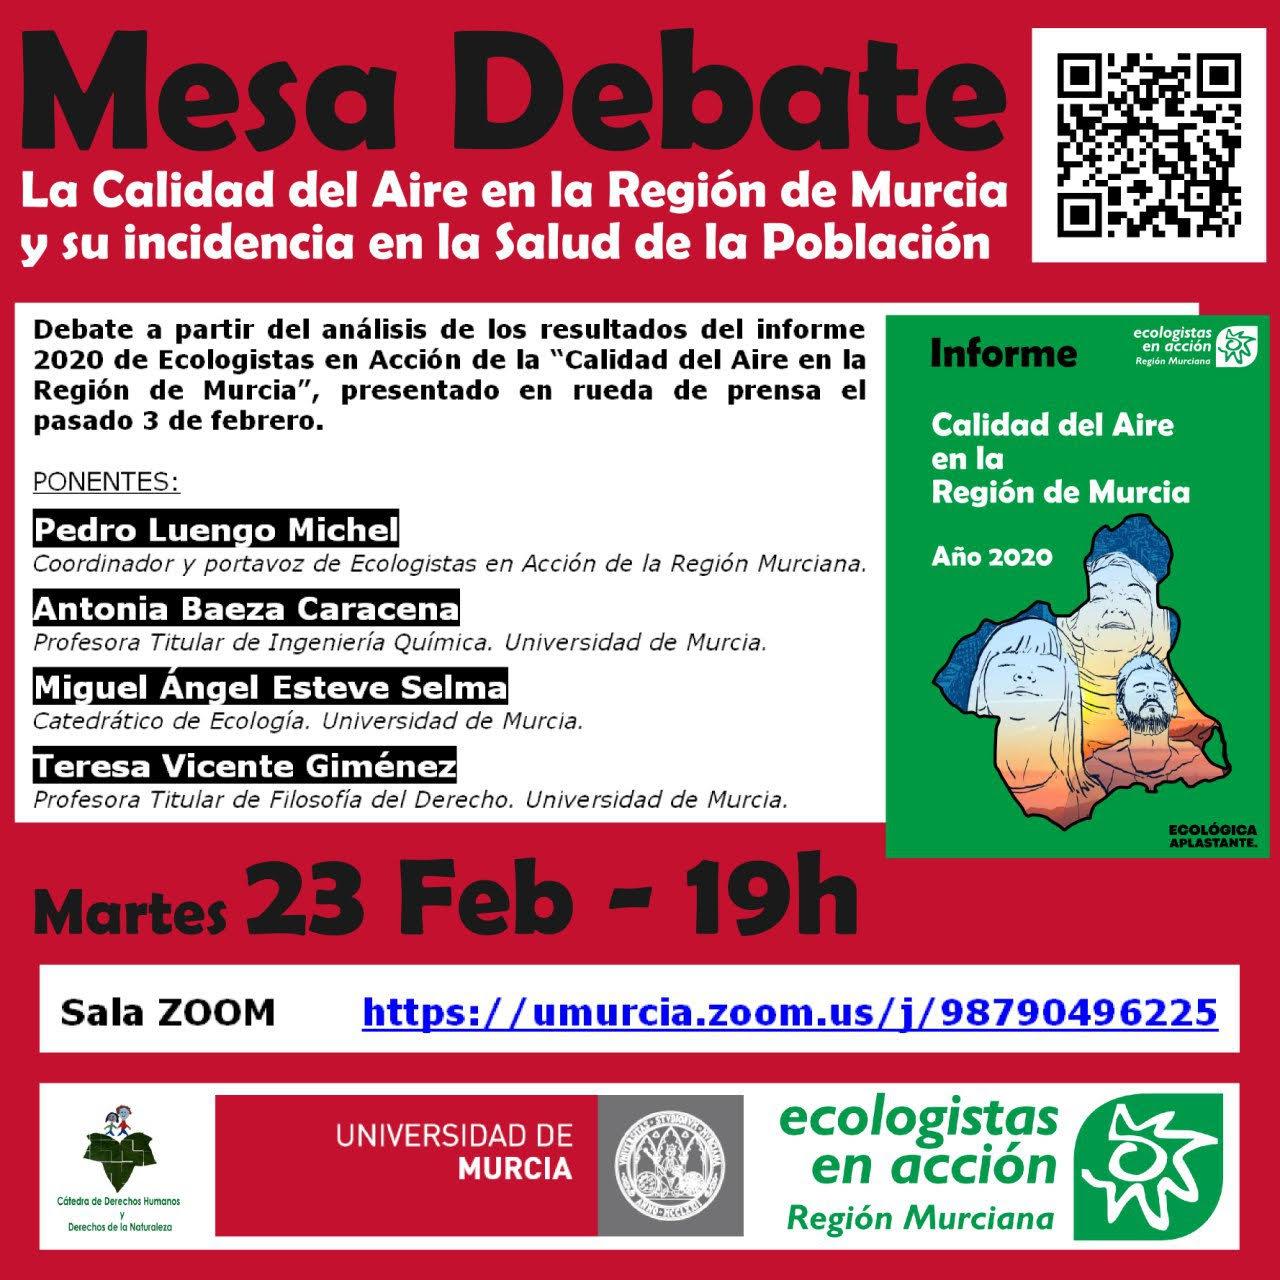 Mesa Debate sobre la calidad del aire en la Región de Murcia, con EEA